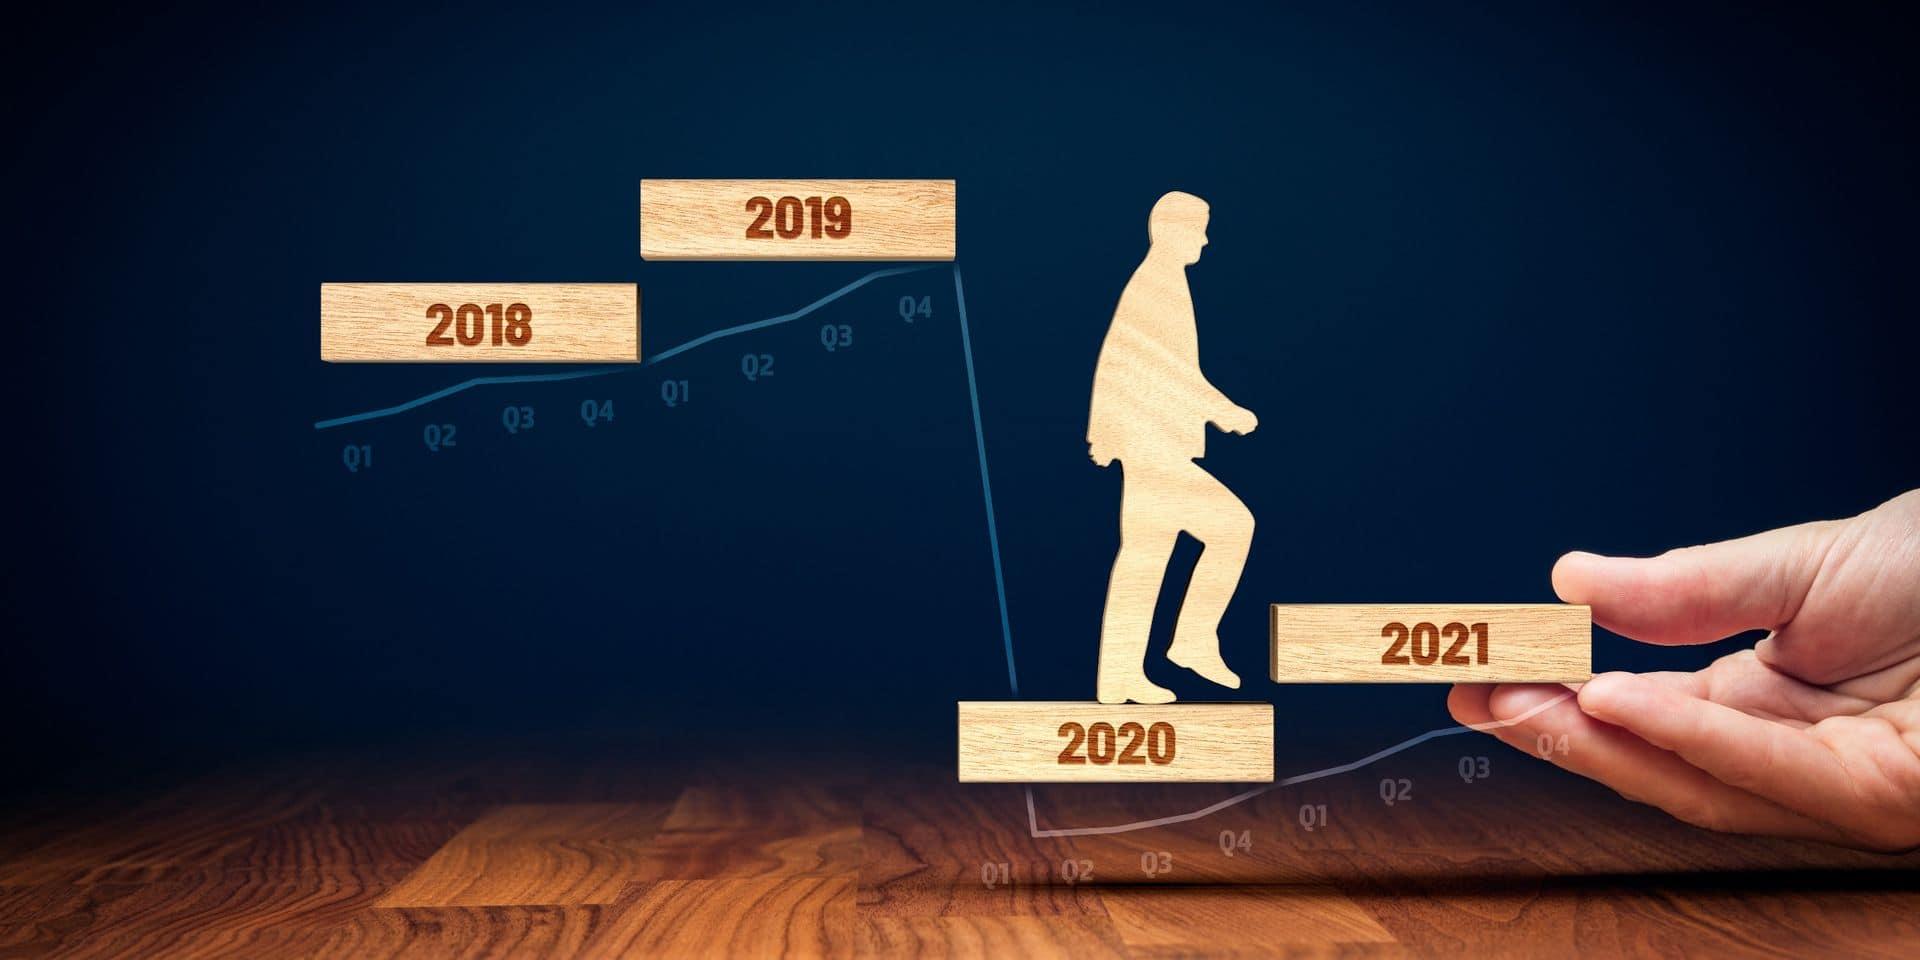 """L'année 2021 risque d'être """"le vrai visage de la crise"""" et non l'année de la relance."""